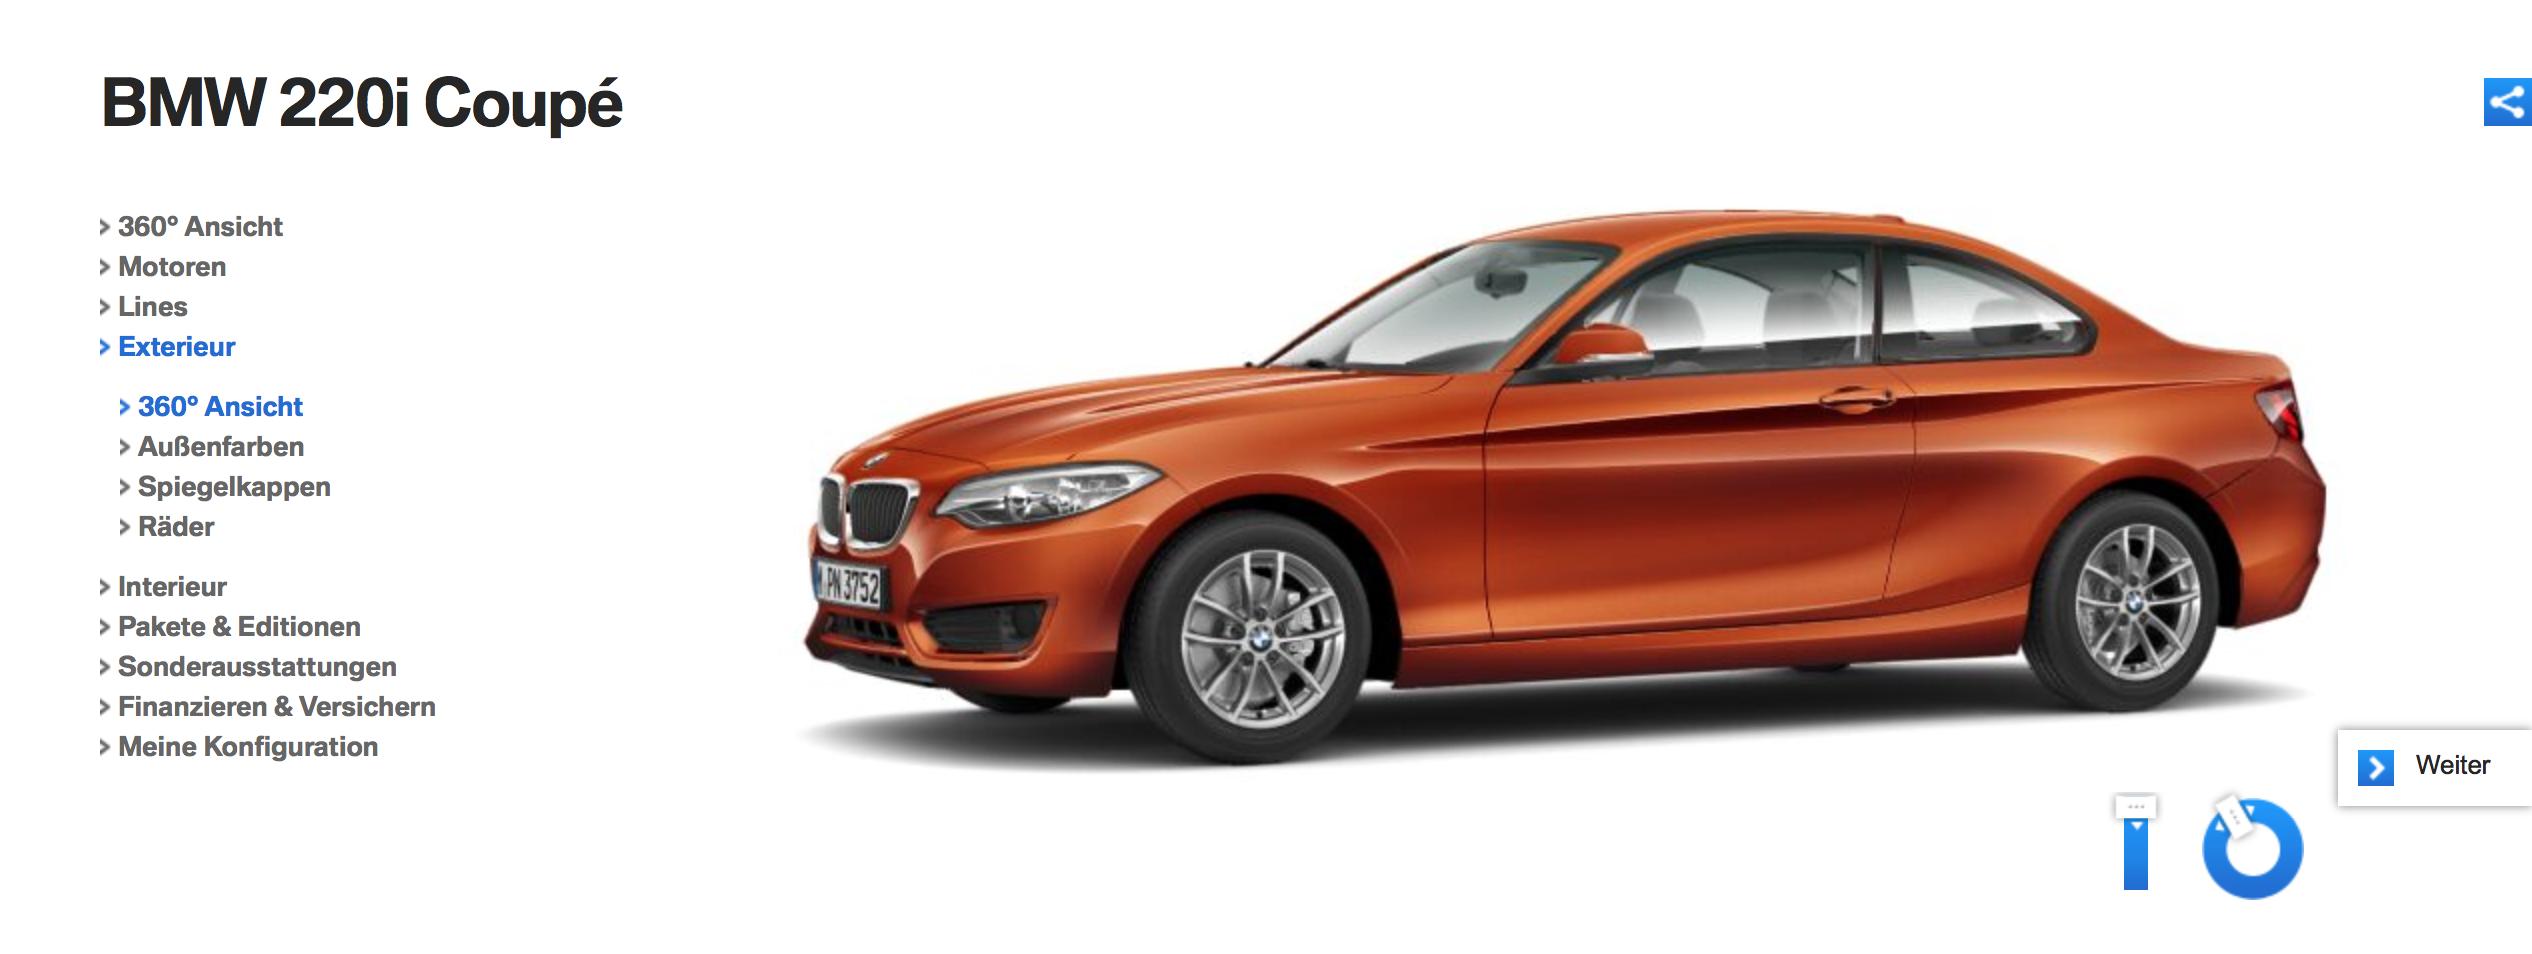 BMW 2er Coupé Konfigurator (Mackevision)